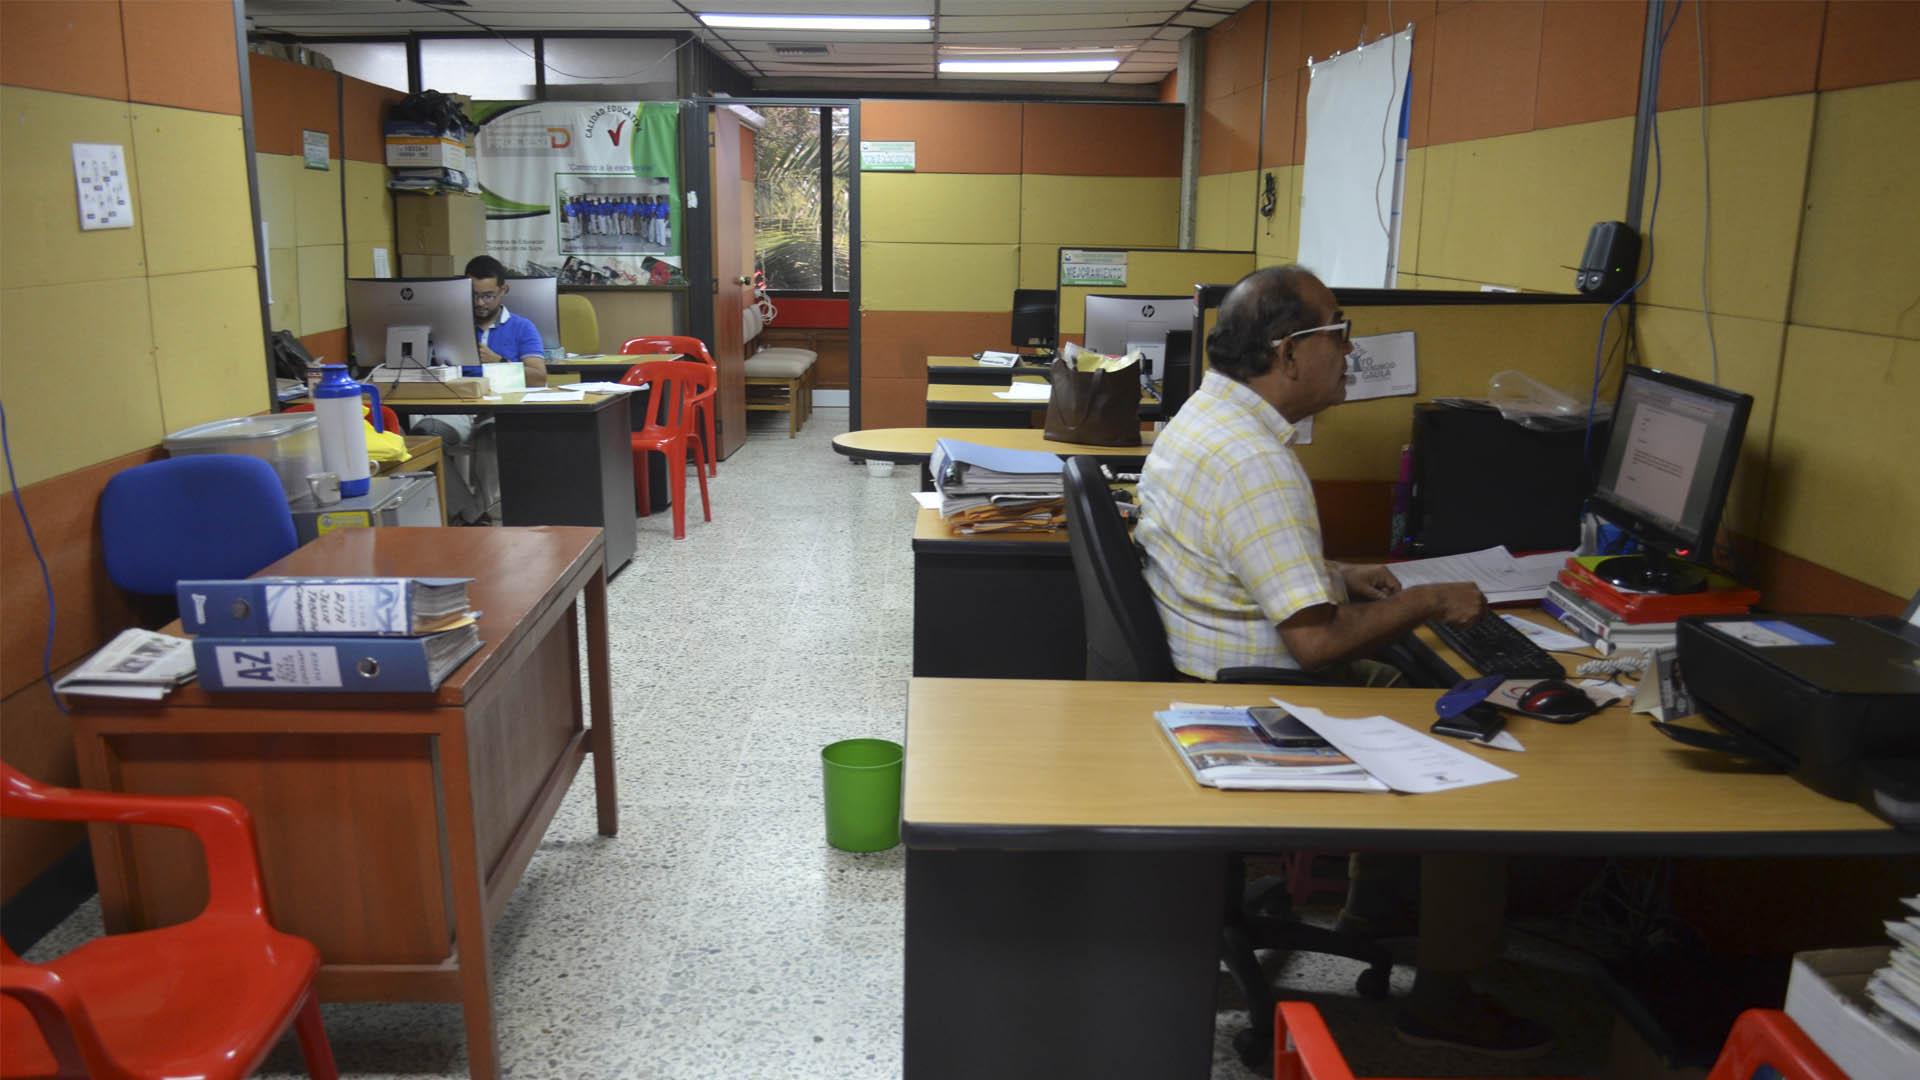 En esta oficina de educación hay 12 empleados sin el mobiliario adecuado.